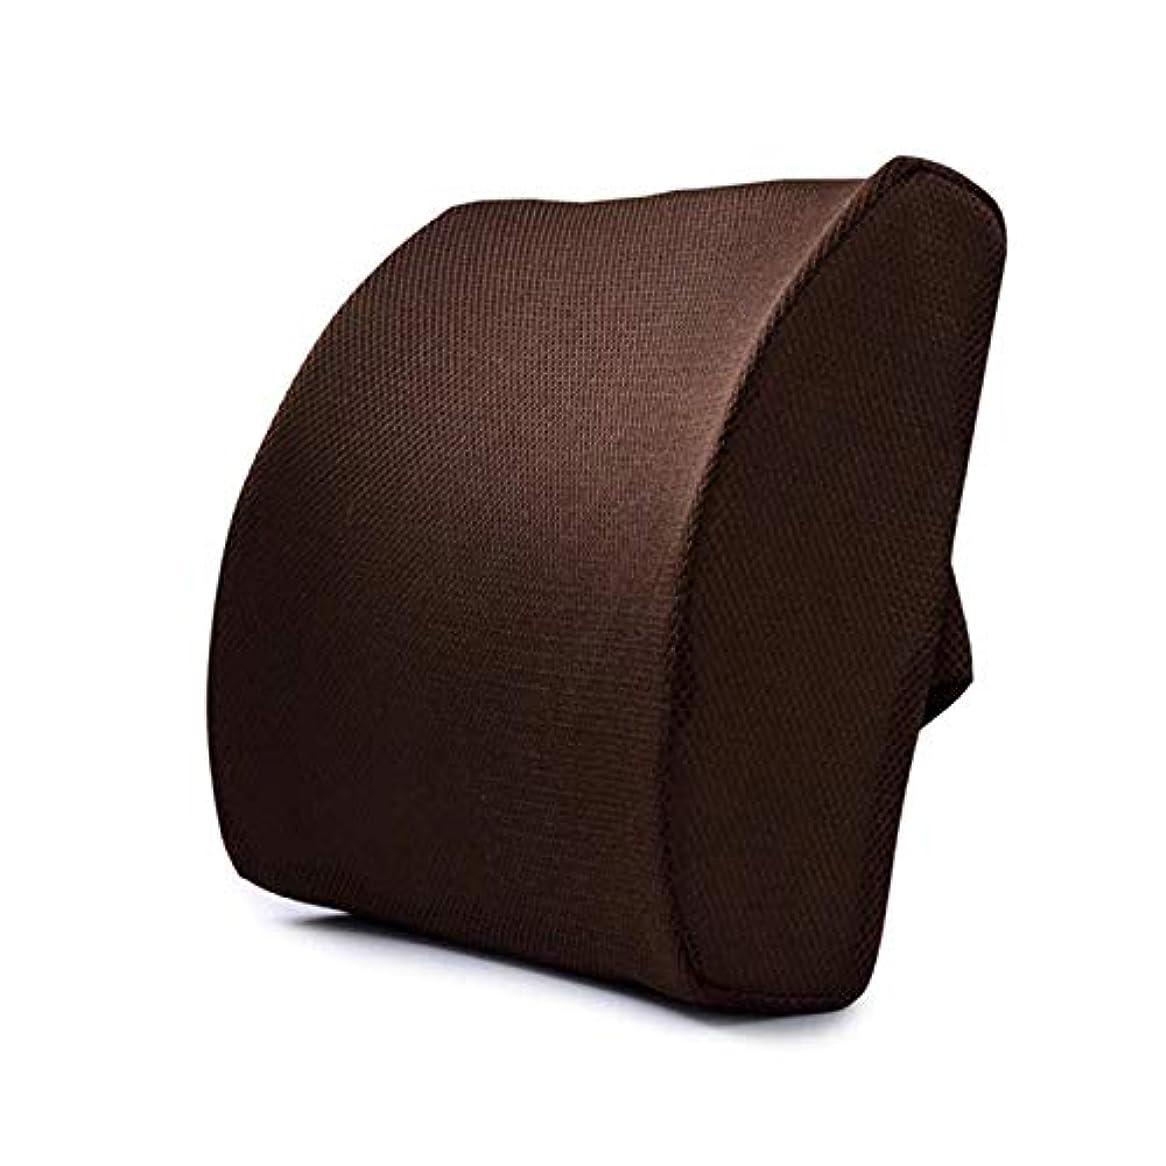 細部ためにお互いLIFE ホームオフィス背もたれ椅子腰椎クッションカーシートネック枕 3D 低反発サポートバックマッサージウエストレスリビング枕 クッション 椅子